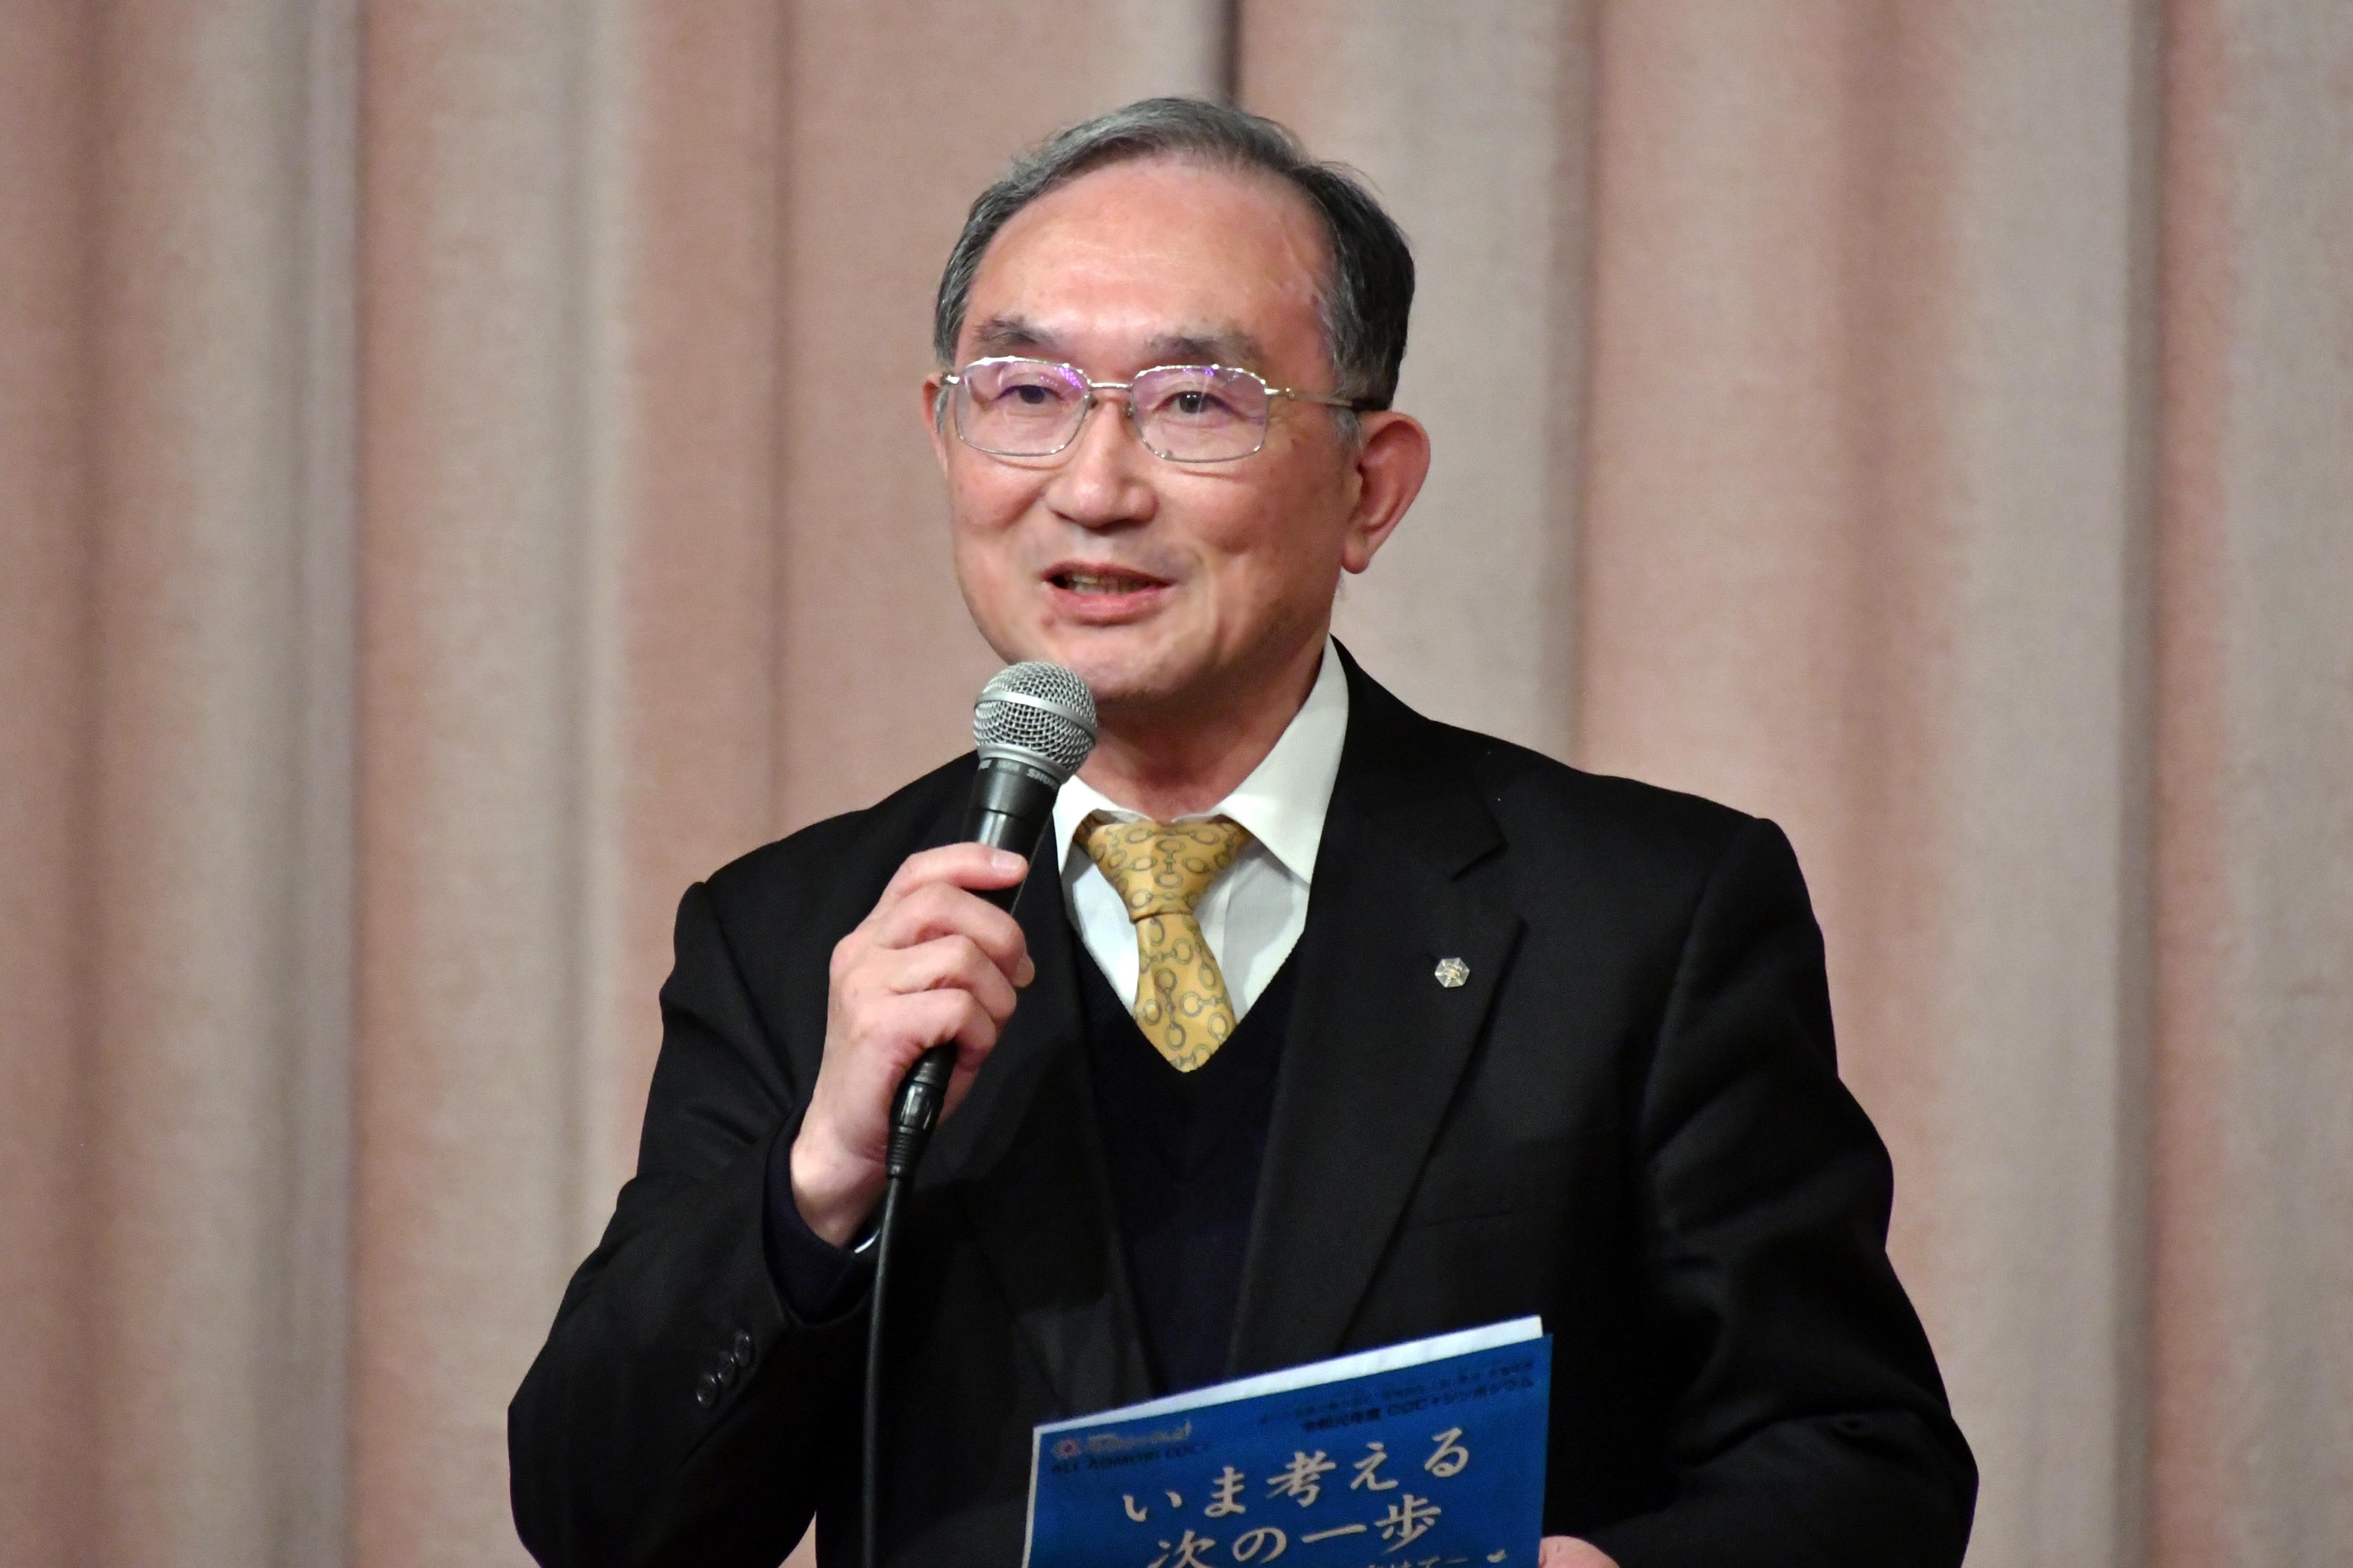 閉会の挨拶をする花田勝美副機構長